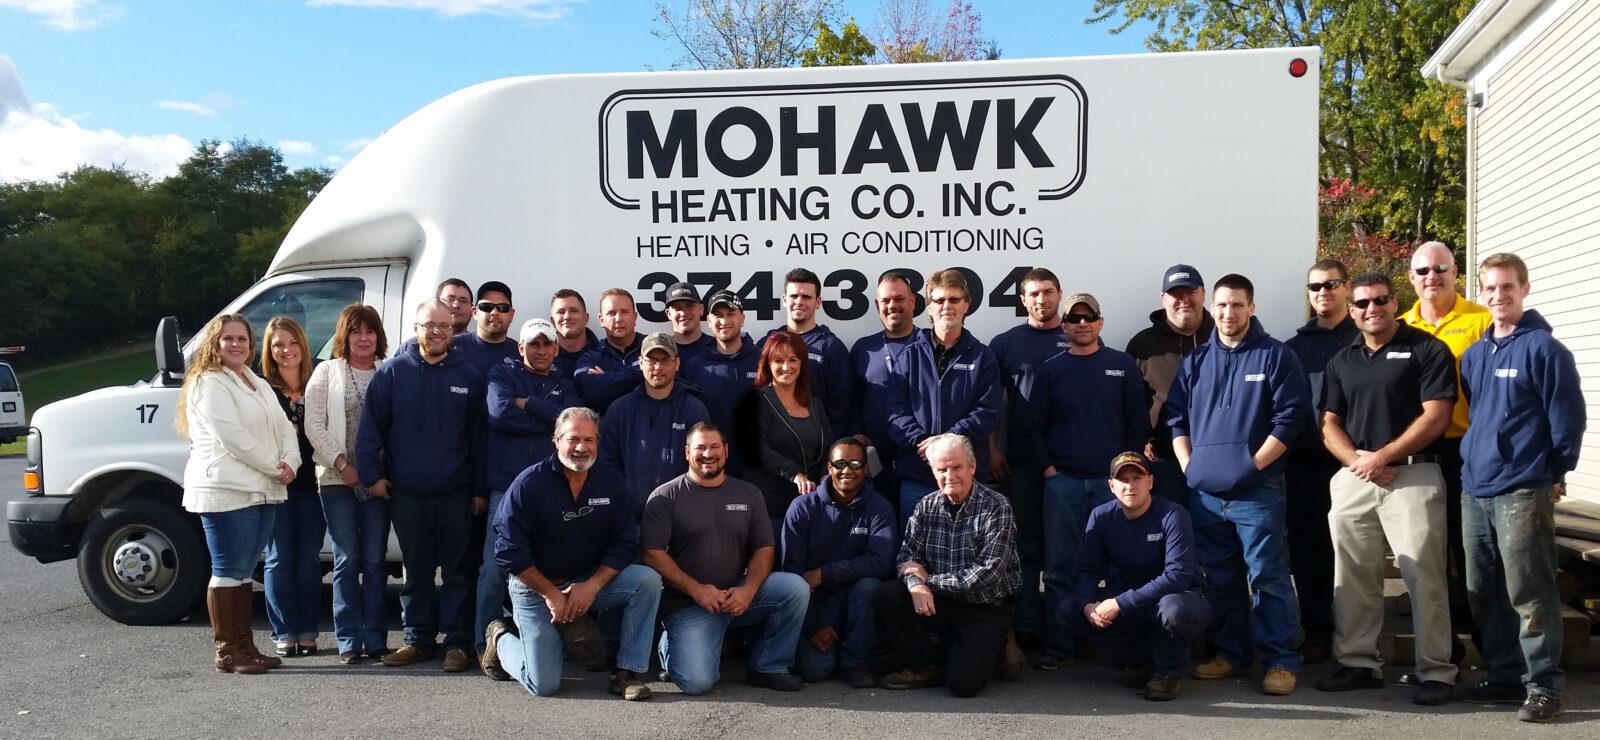 Mohawk Heating Company in Duanesburg, NY near Schenectady, NY